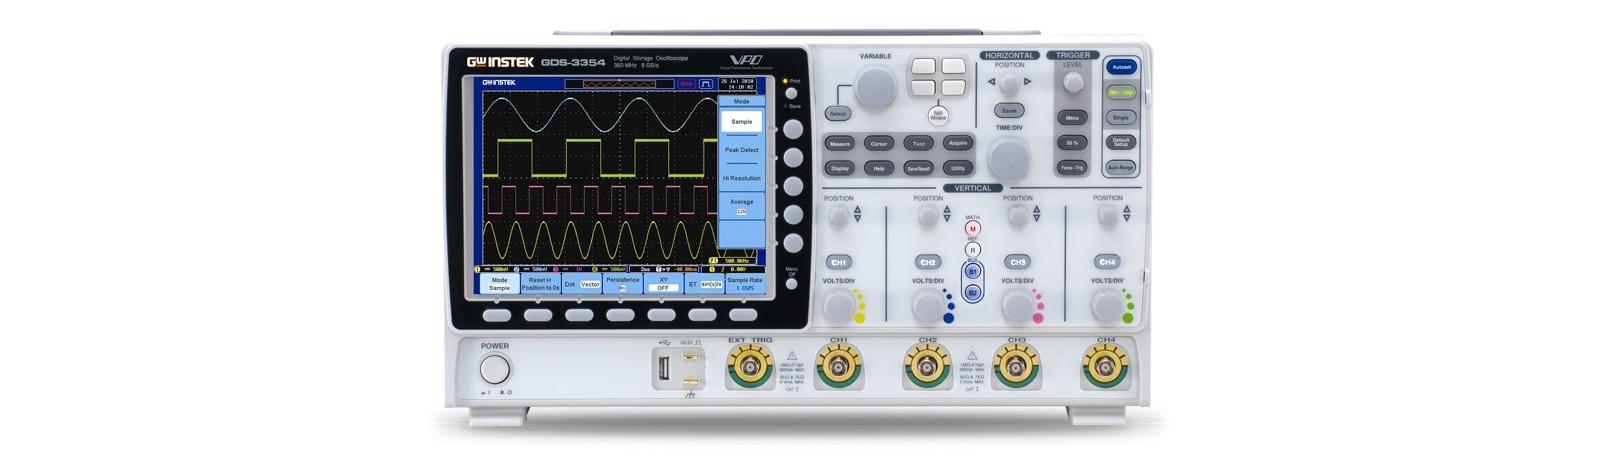 GW INSTEK GDS-3000-serie oscilloscopen